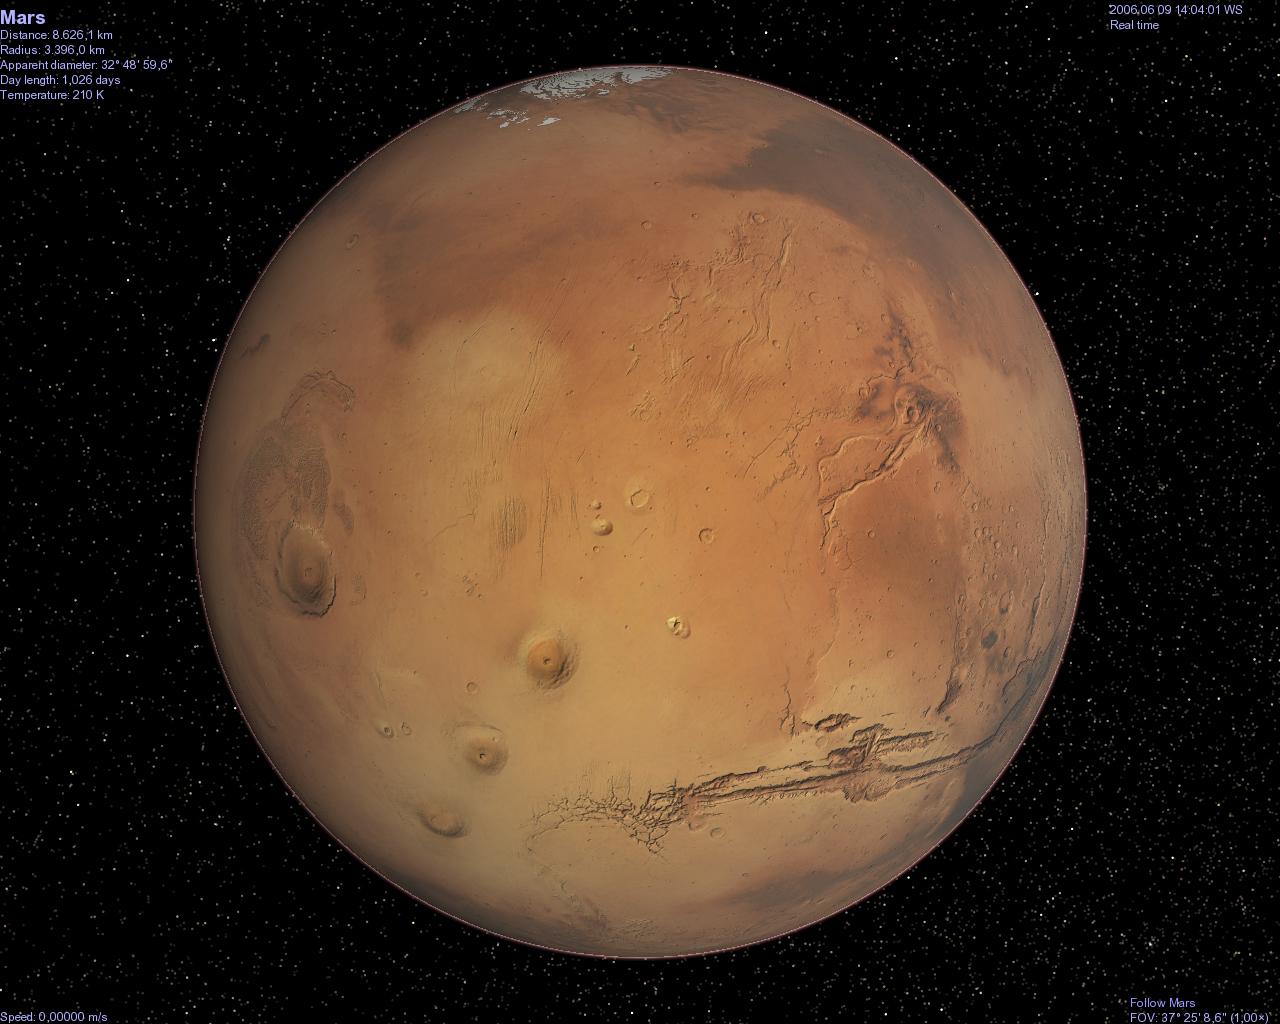 mars planet map hi res - photo #27